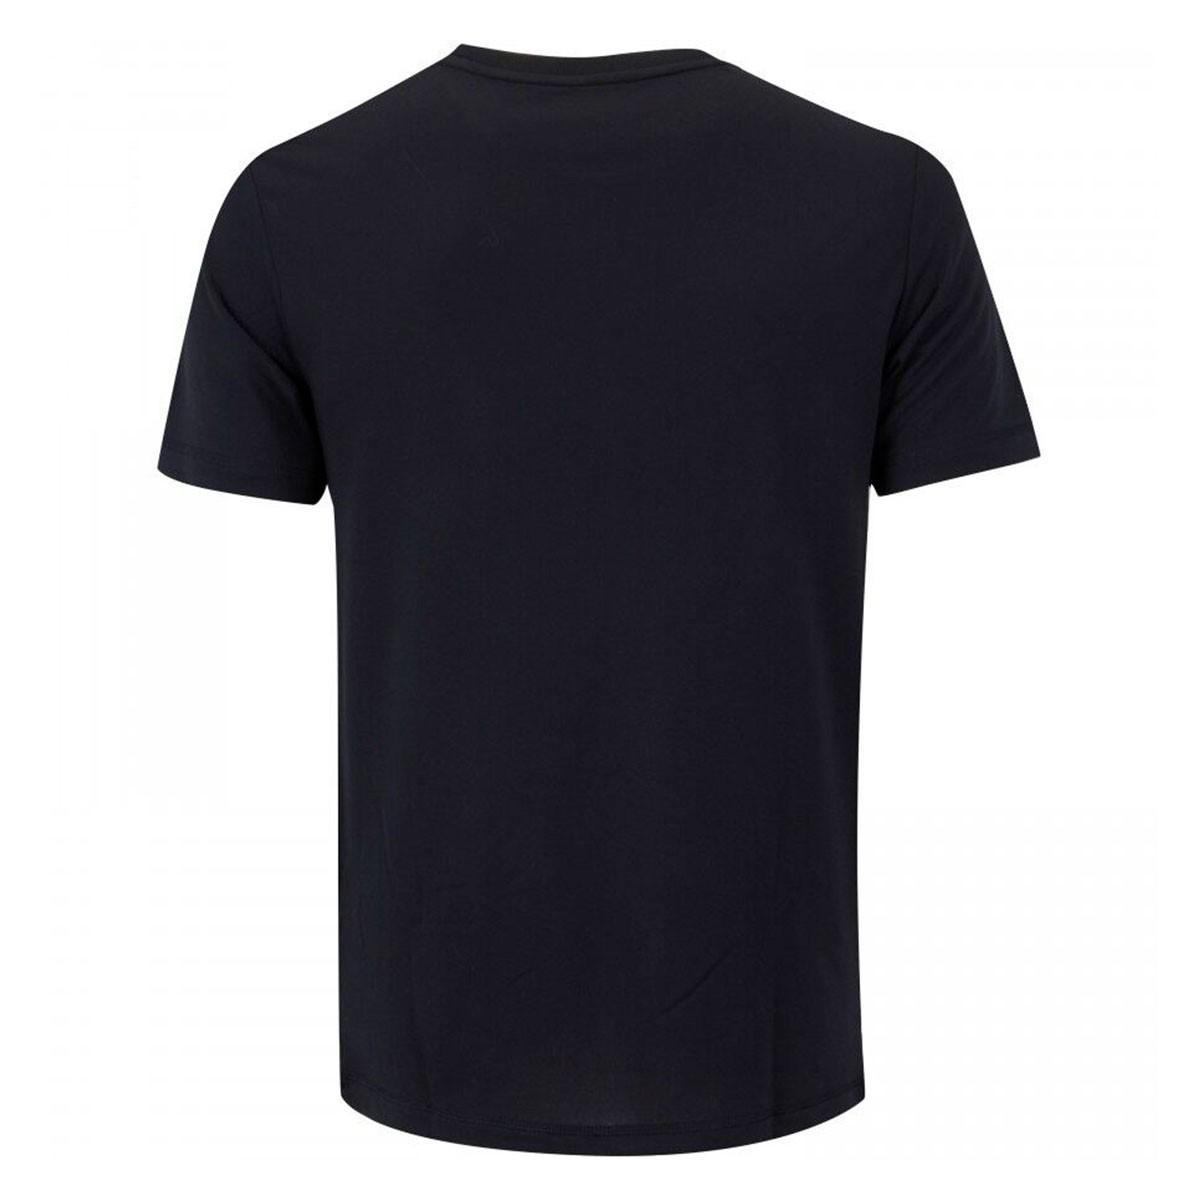 Camiseta Puma Essentials Tee Feminino Preto